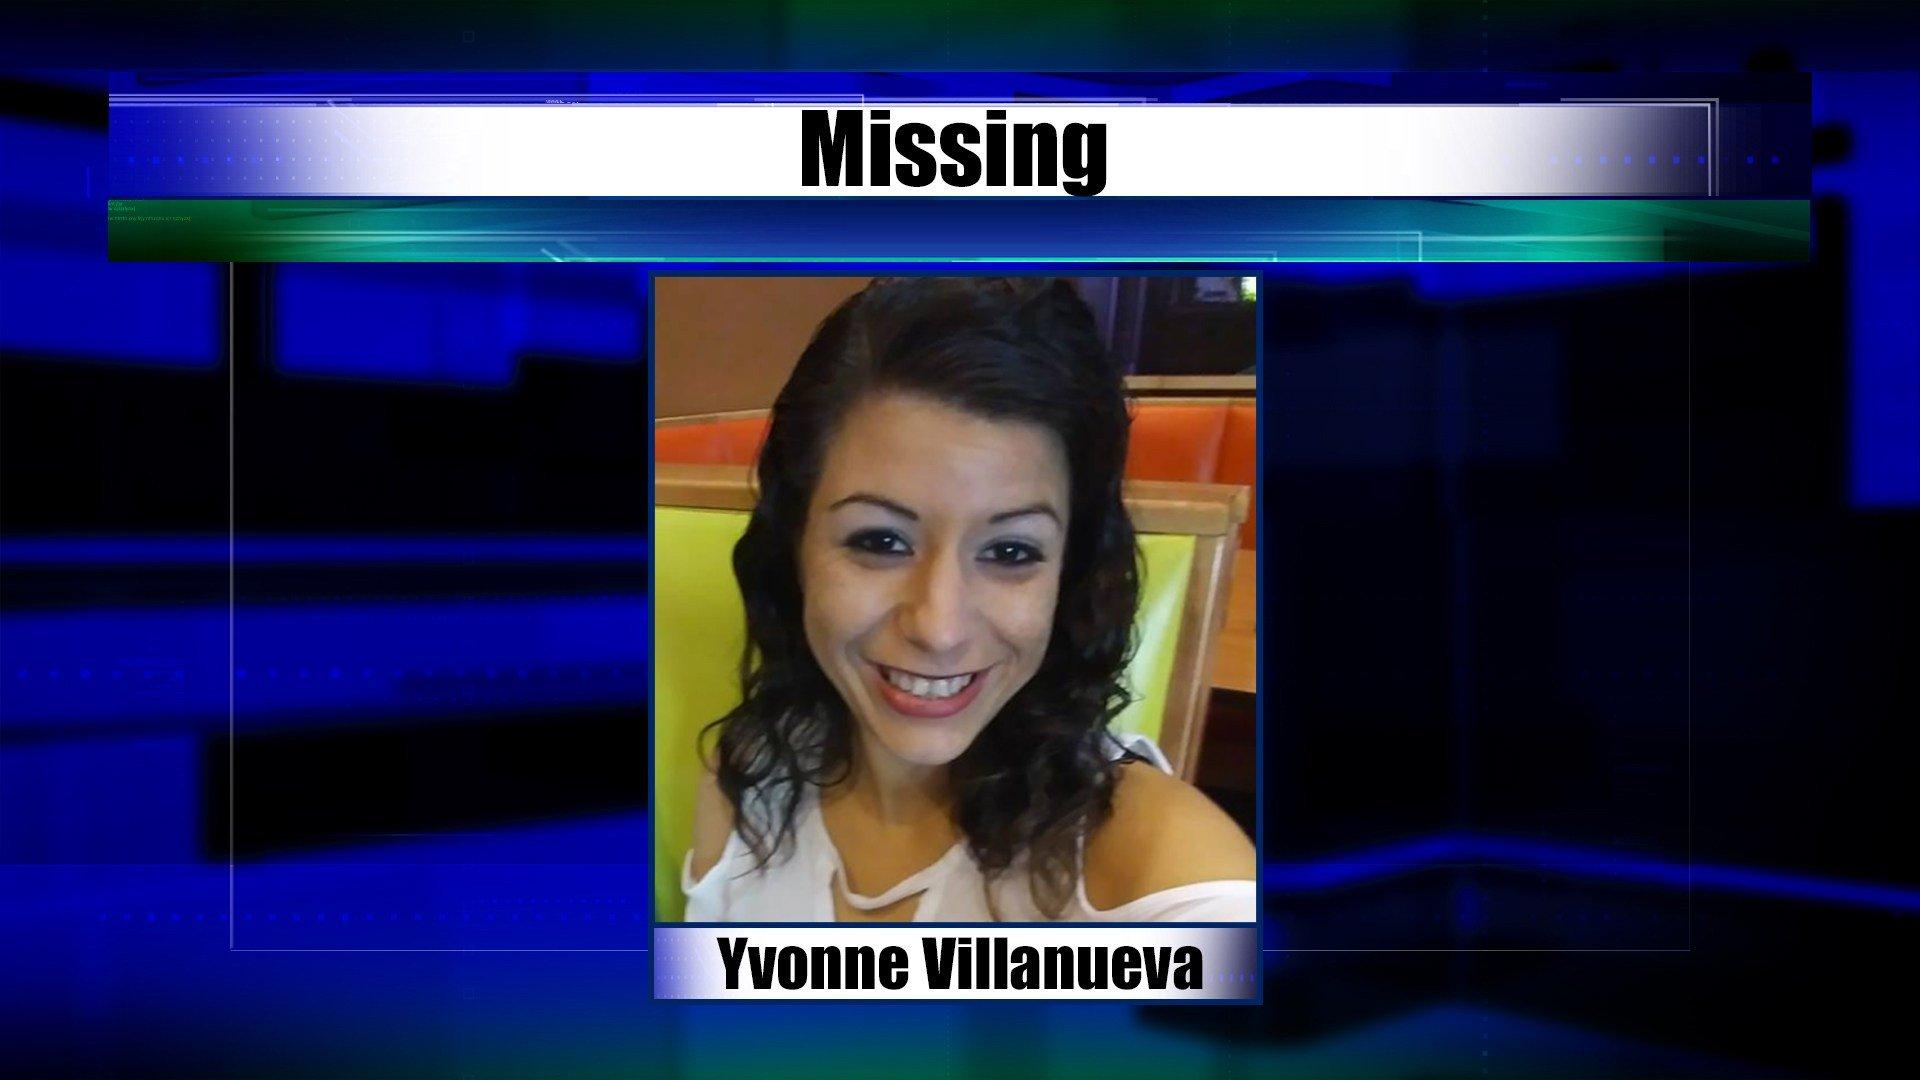 Yvonne Villanueva, 28, was last seen by family on June 4, 2018.